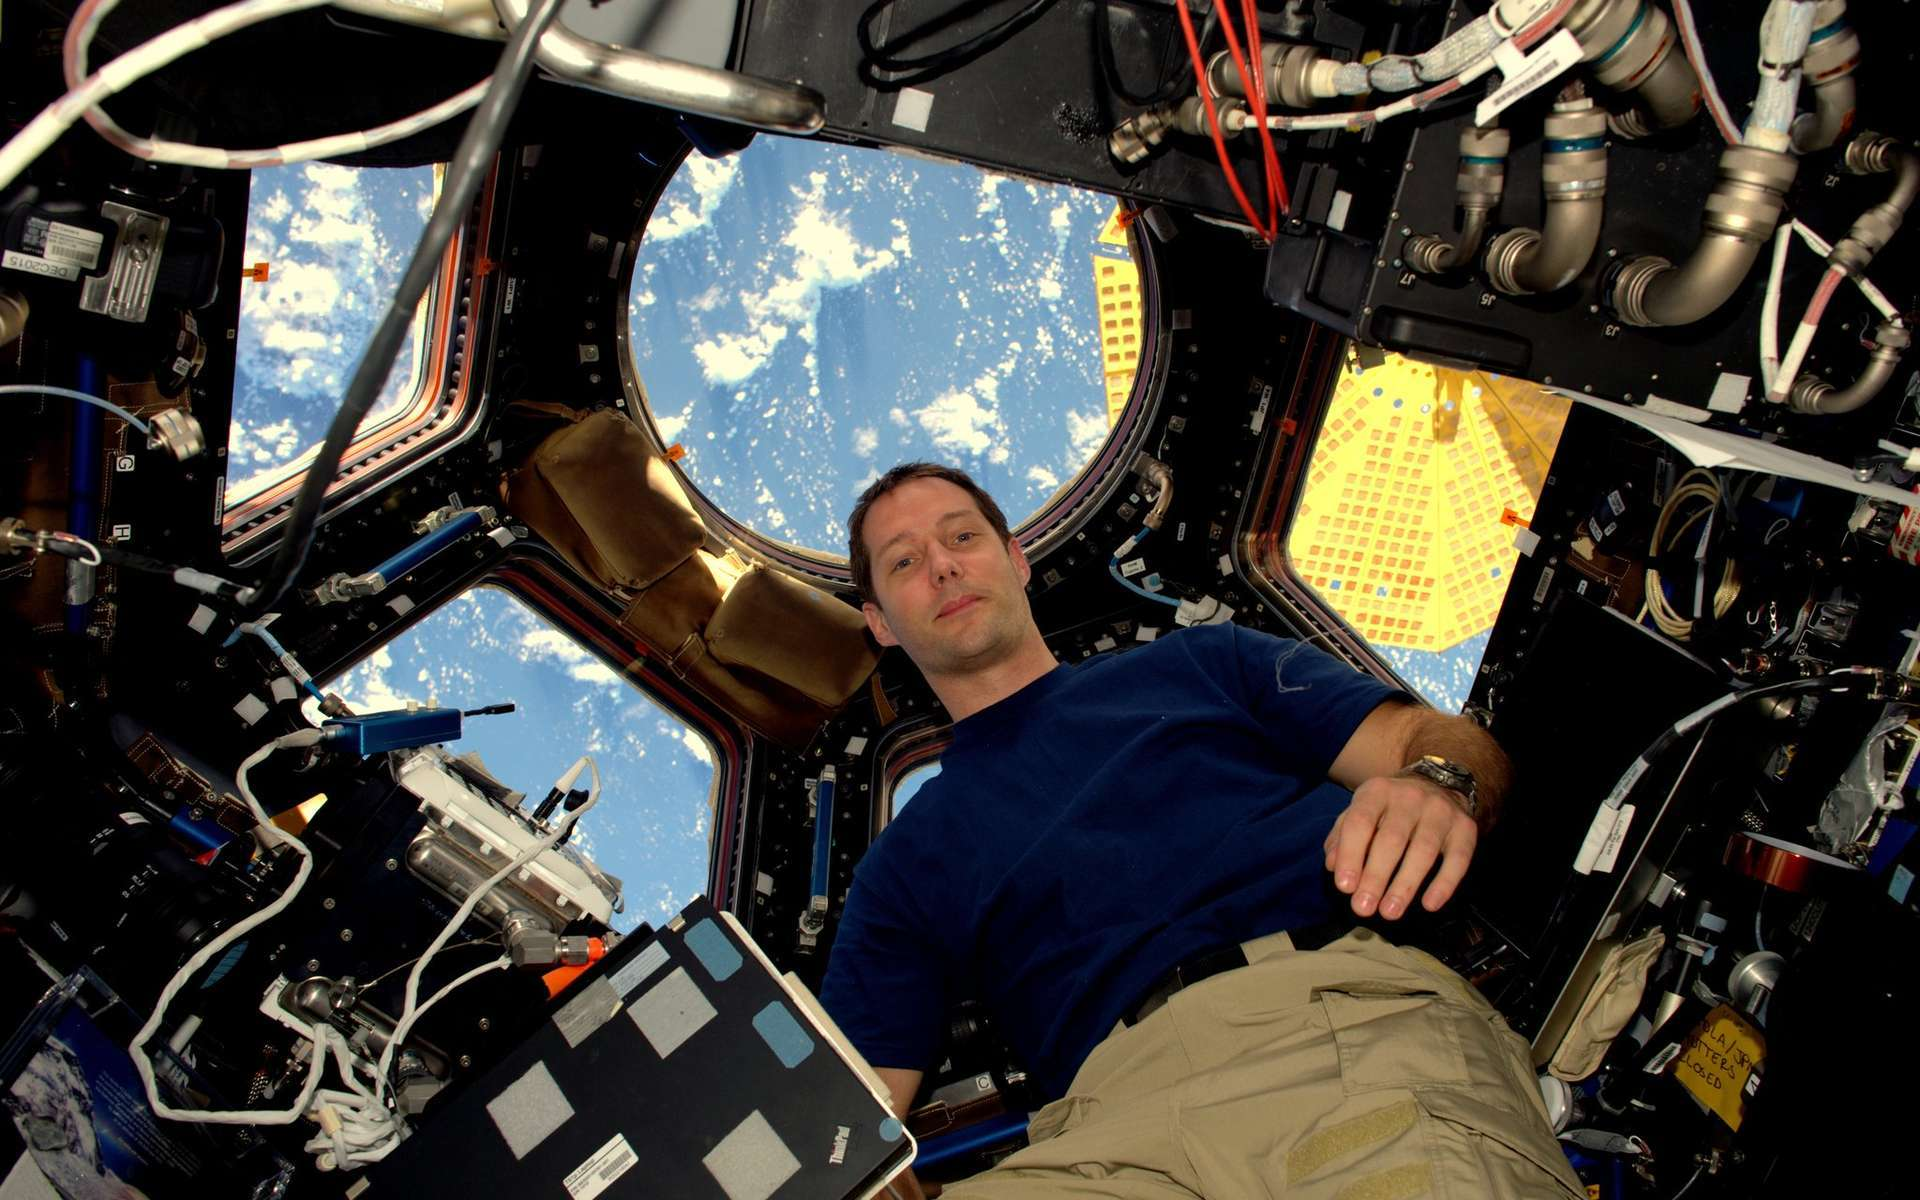 Thomas Pesquet, comme tous les astronautes passés dans l'ISS, se souviendra sûrement du spectacle de la Terre vue de la Coupole. © ESA